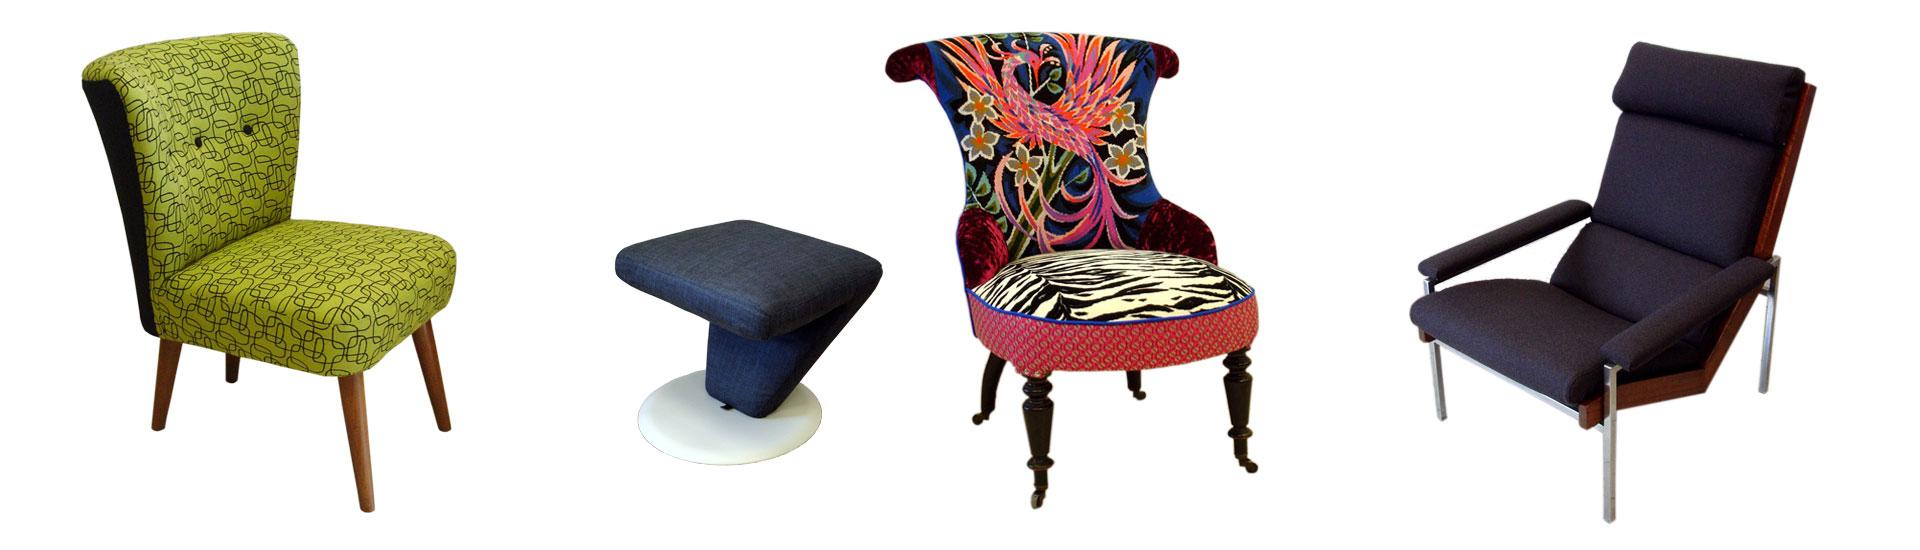 liesbeth-verhoeks-meubelstoffering-werk-slider